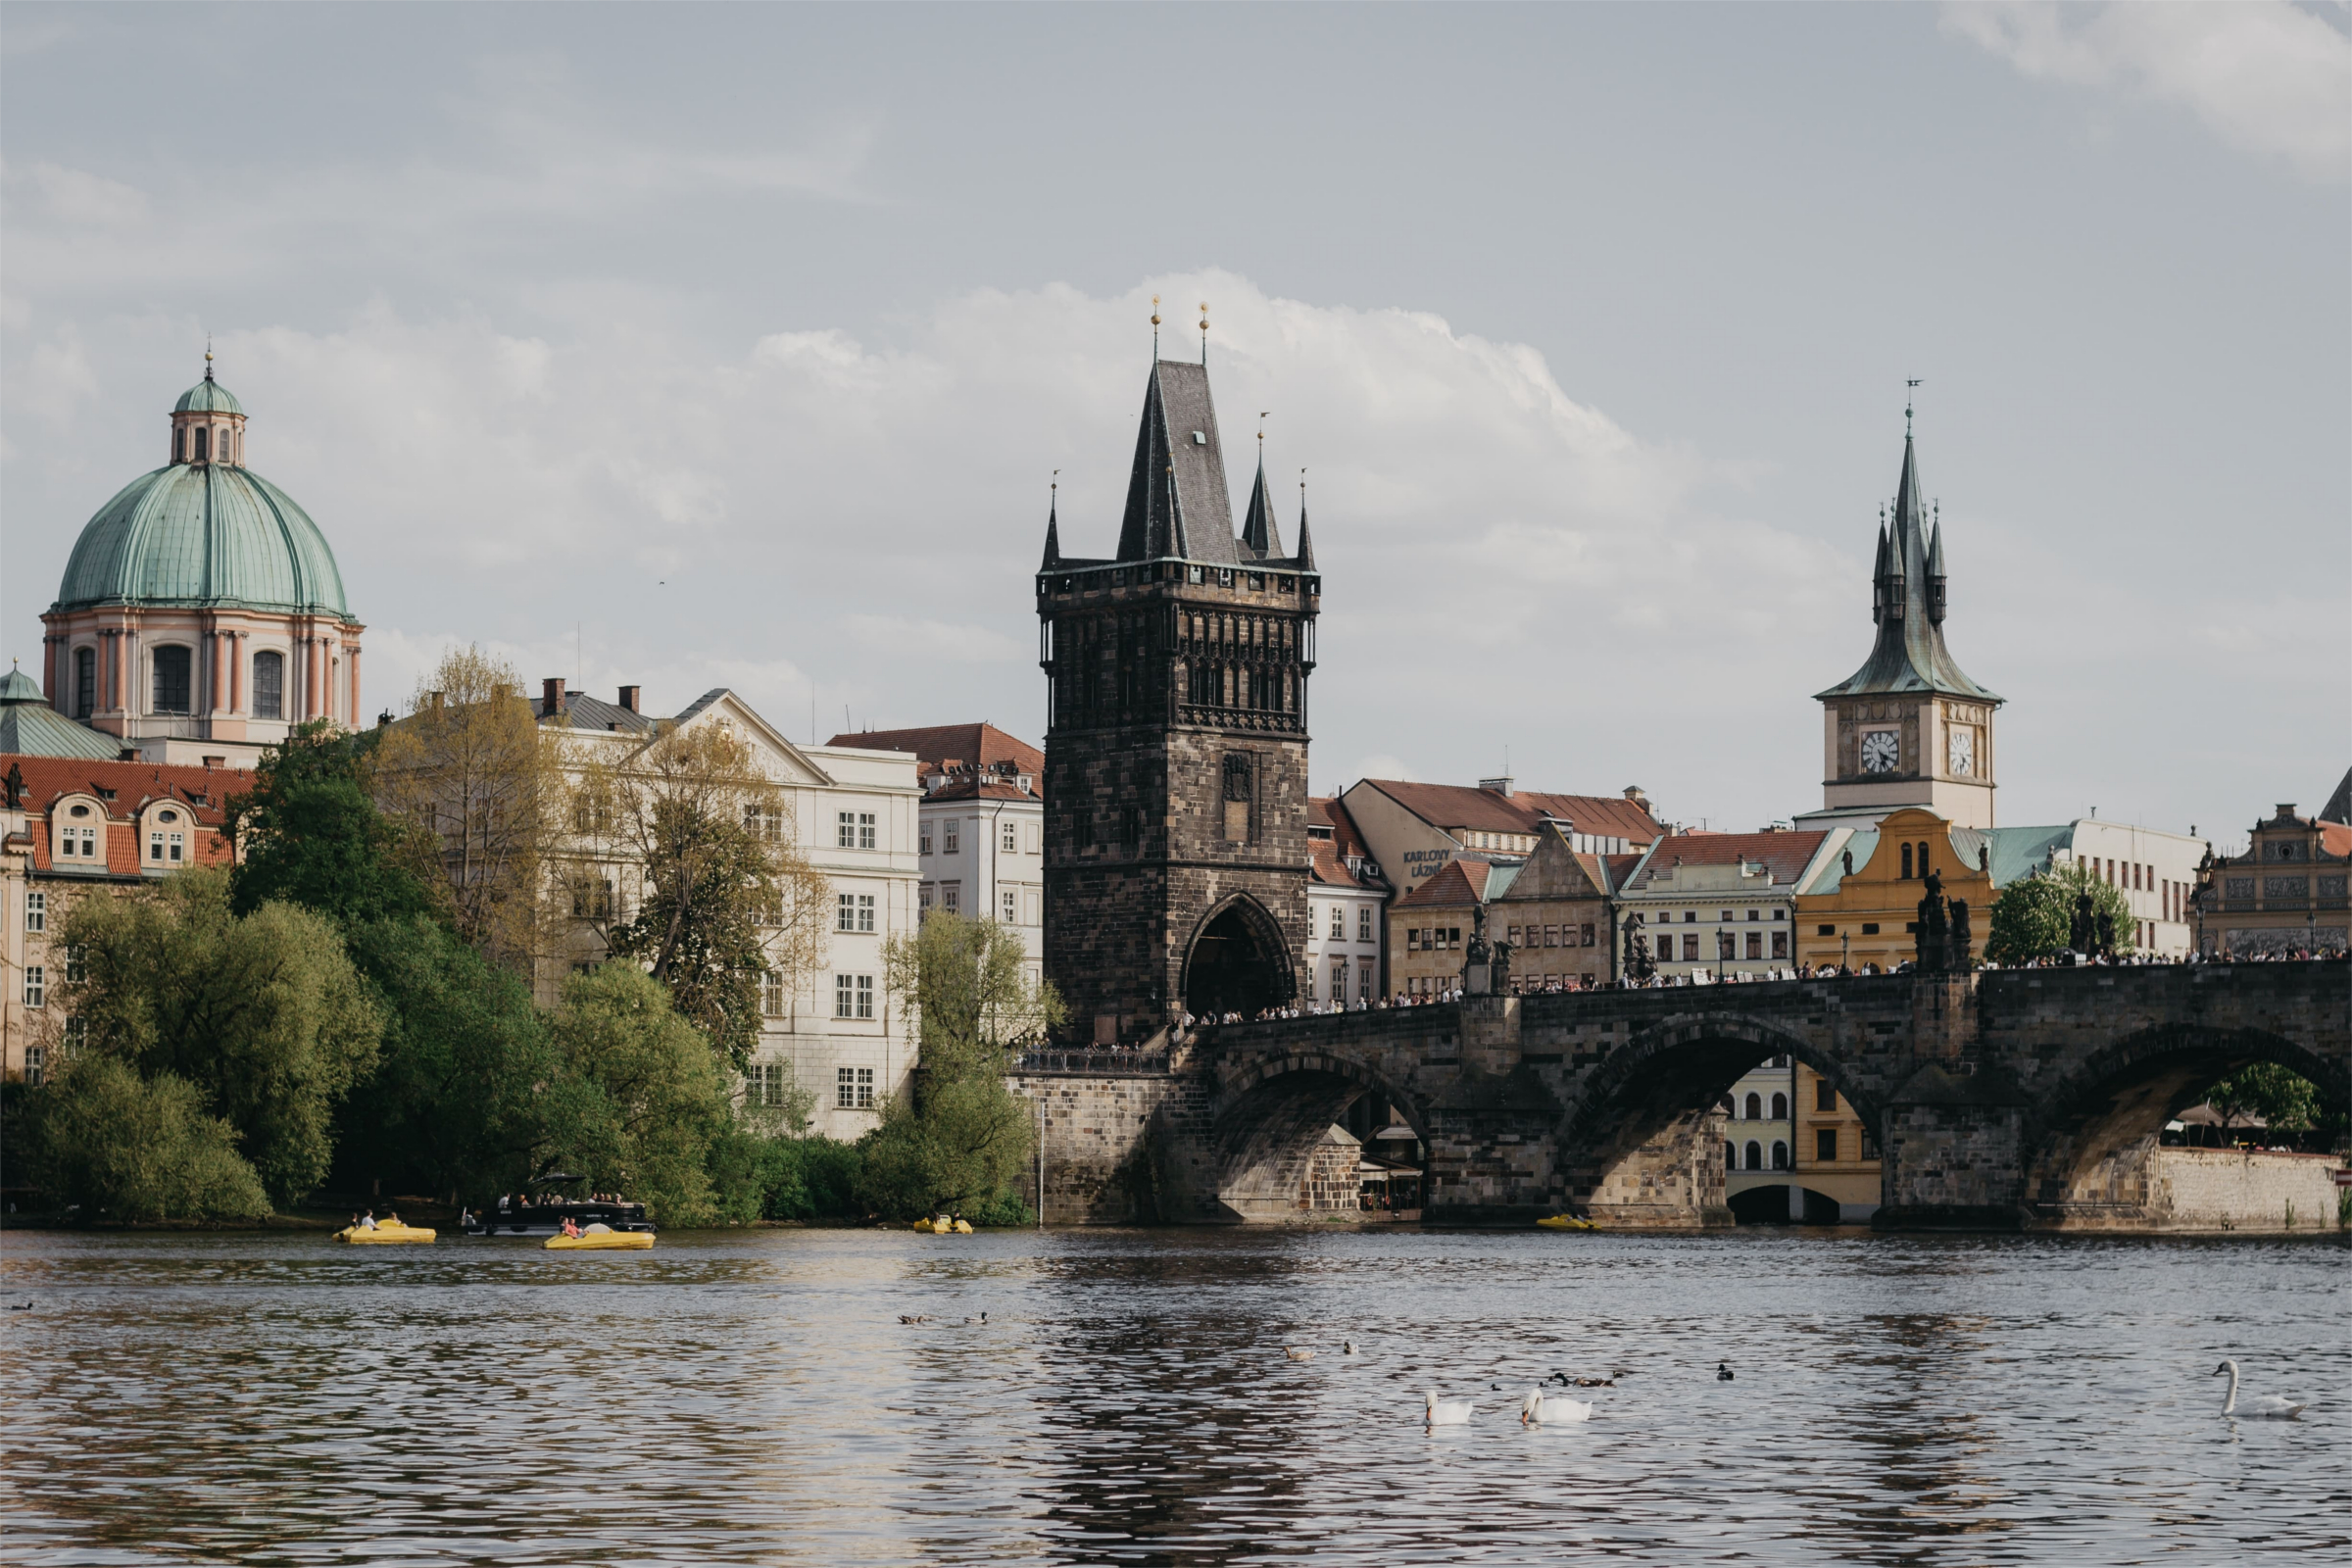 Hvad skal man se i Prag? - Hvorskalmanbo.dk - Din Storbyguide